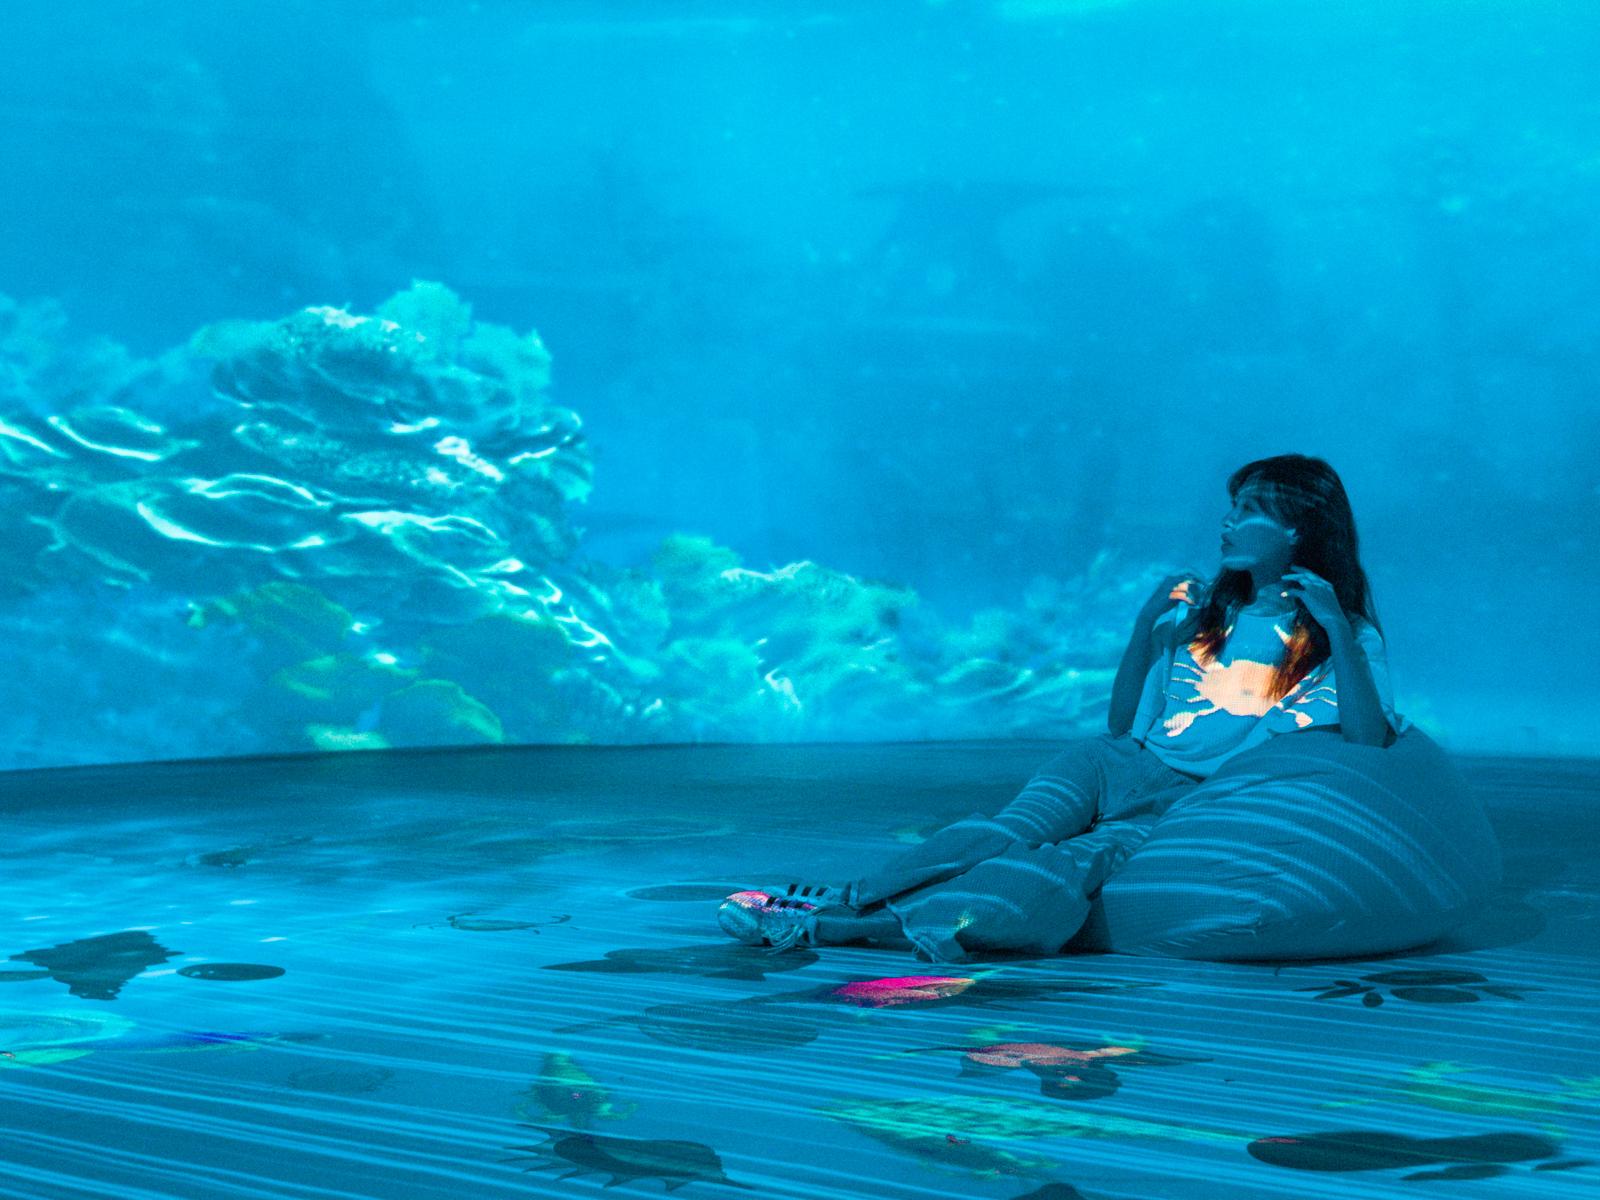 故宮魔幻山水歷險 沈浸式互動展覽 經典美學與現代科技的相遇